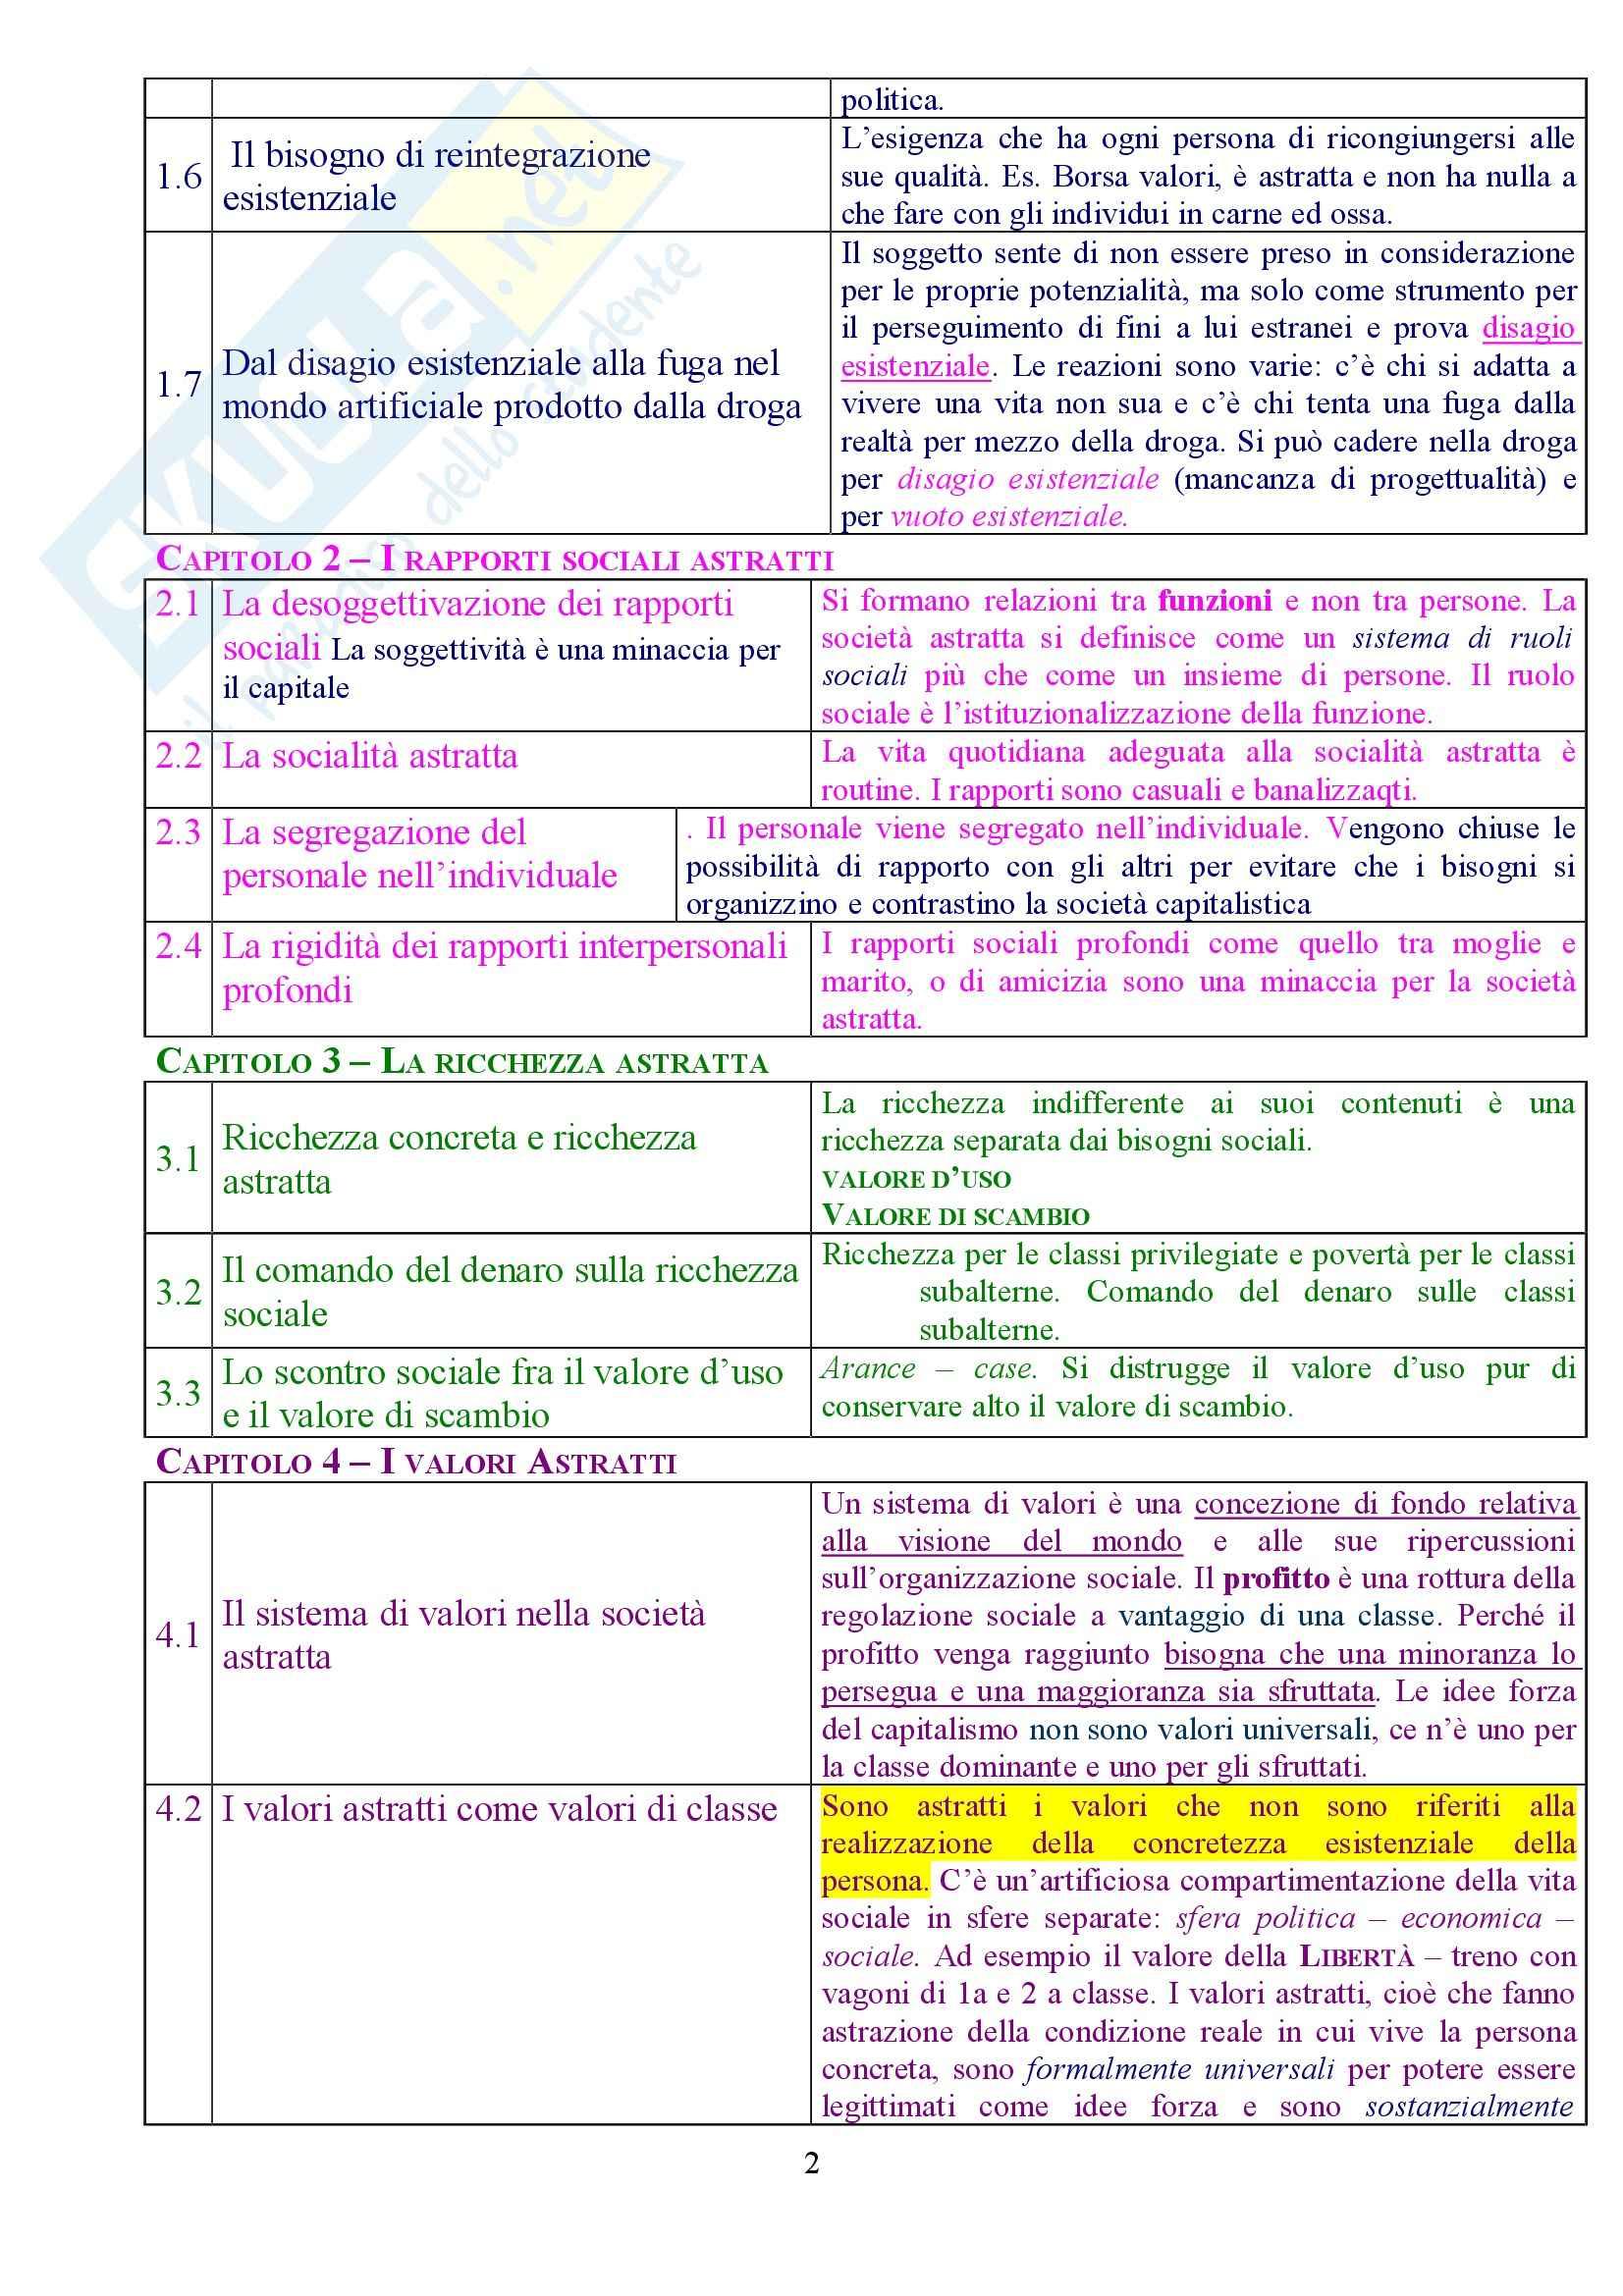 Sociologia - la società astratta Pag. 2